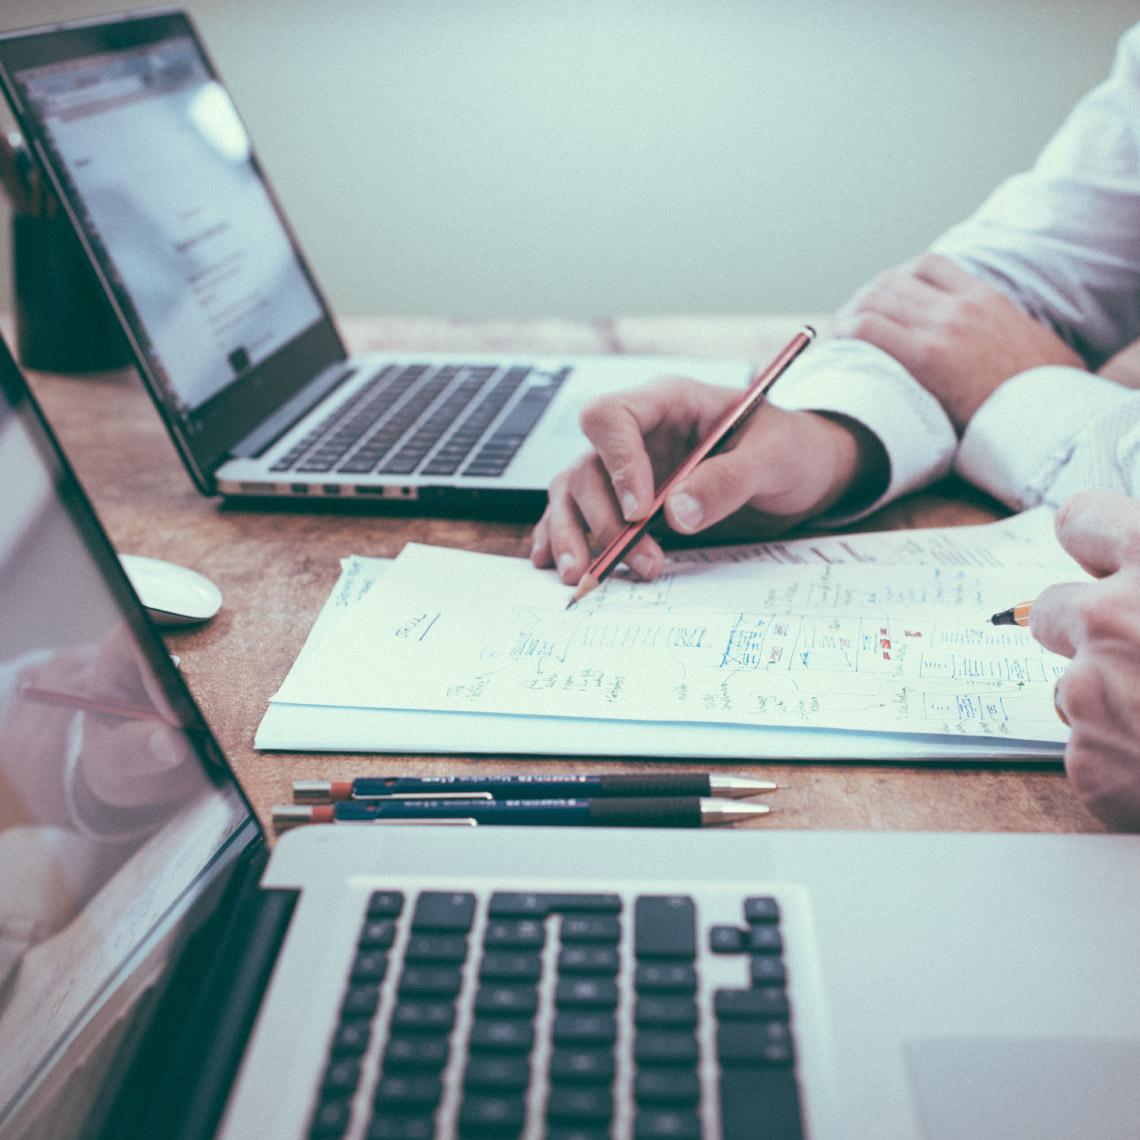 מה צריך לבחון לפני שנותנים לחברת ניהול לנהל את כספנו? סוכן ביטוח אבדן כושר עבודה טד בר